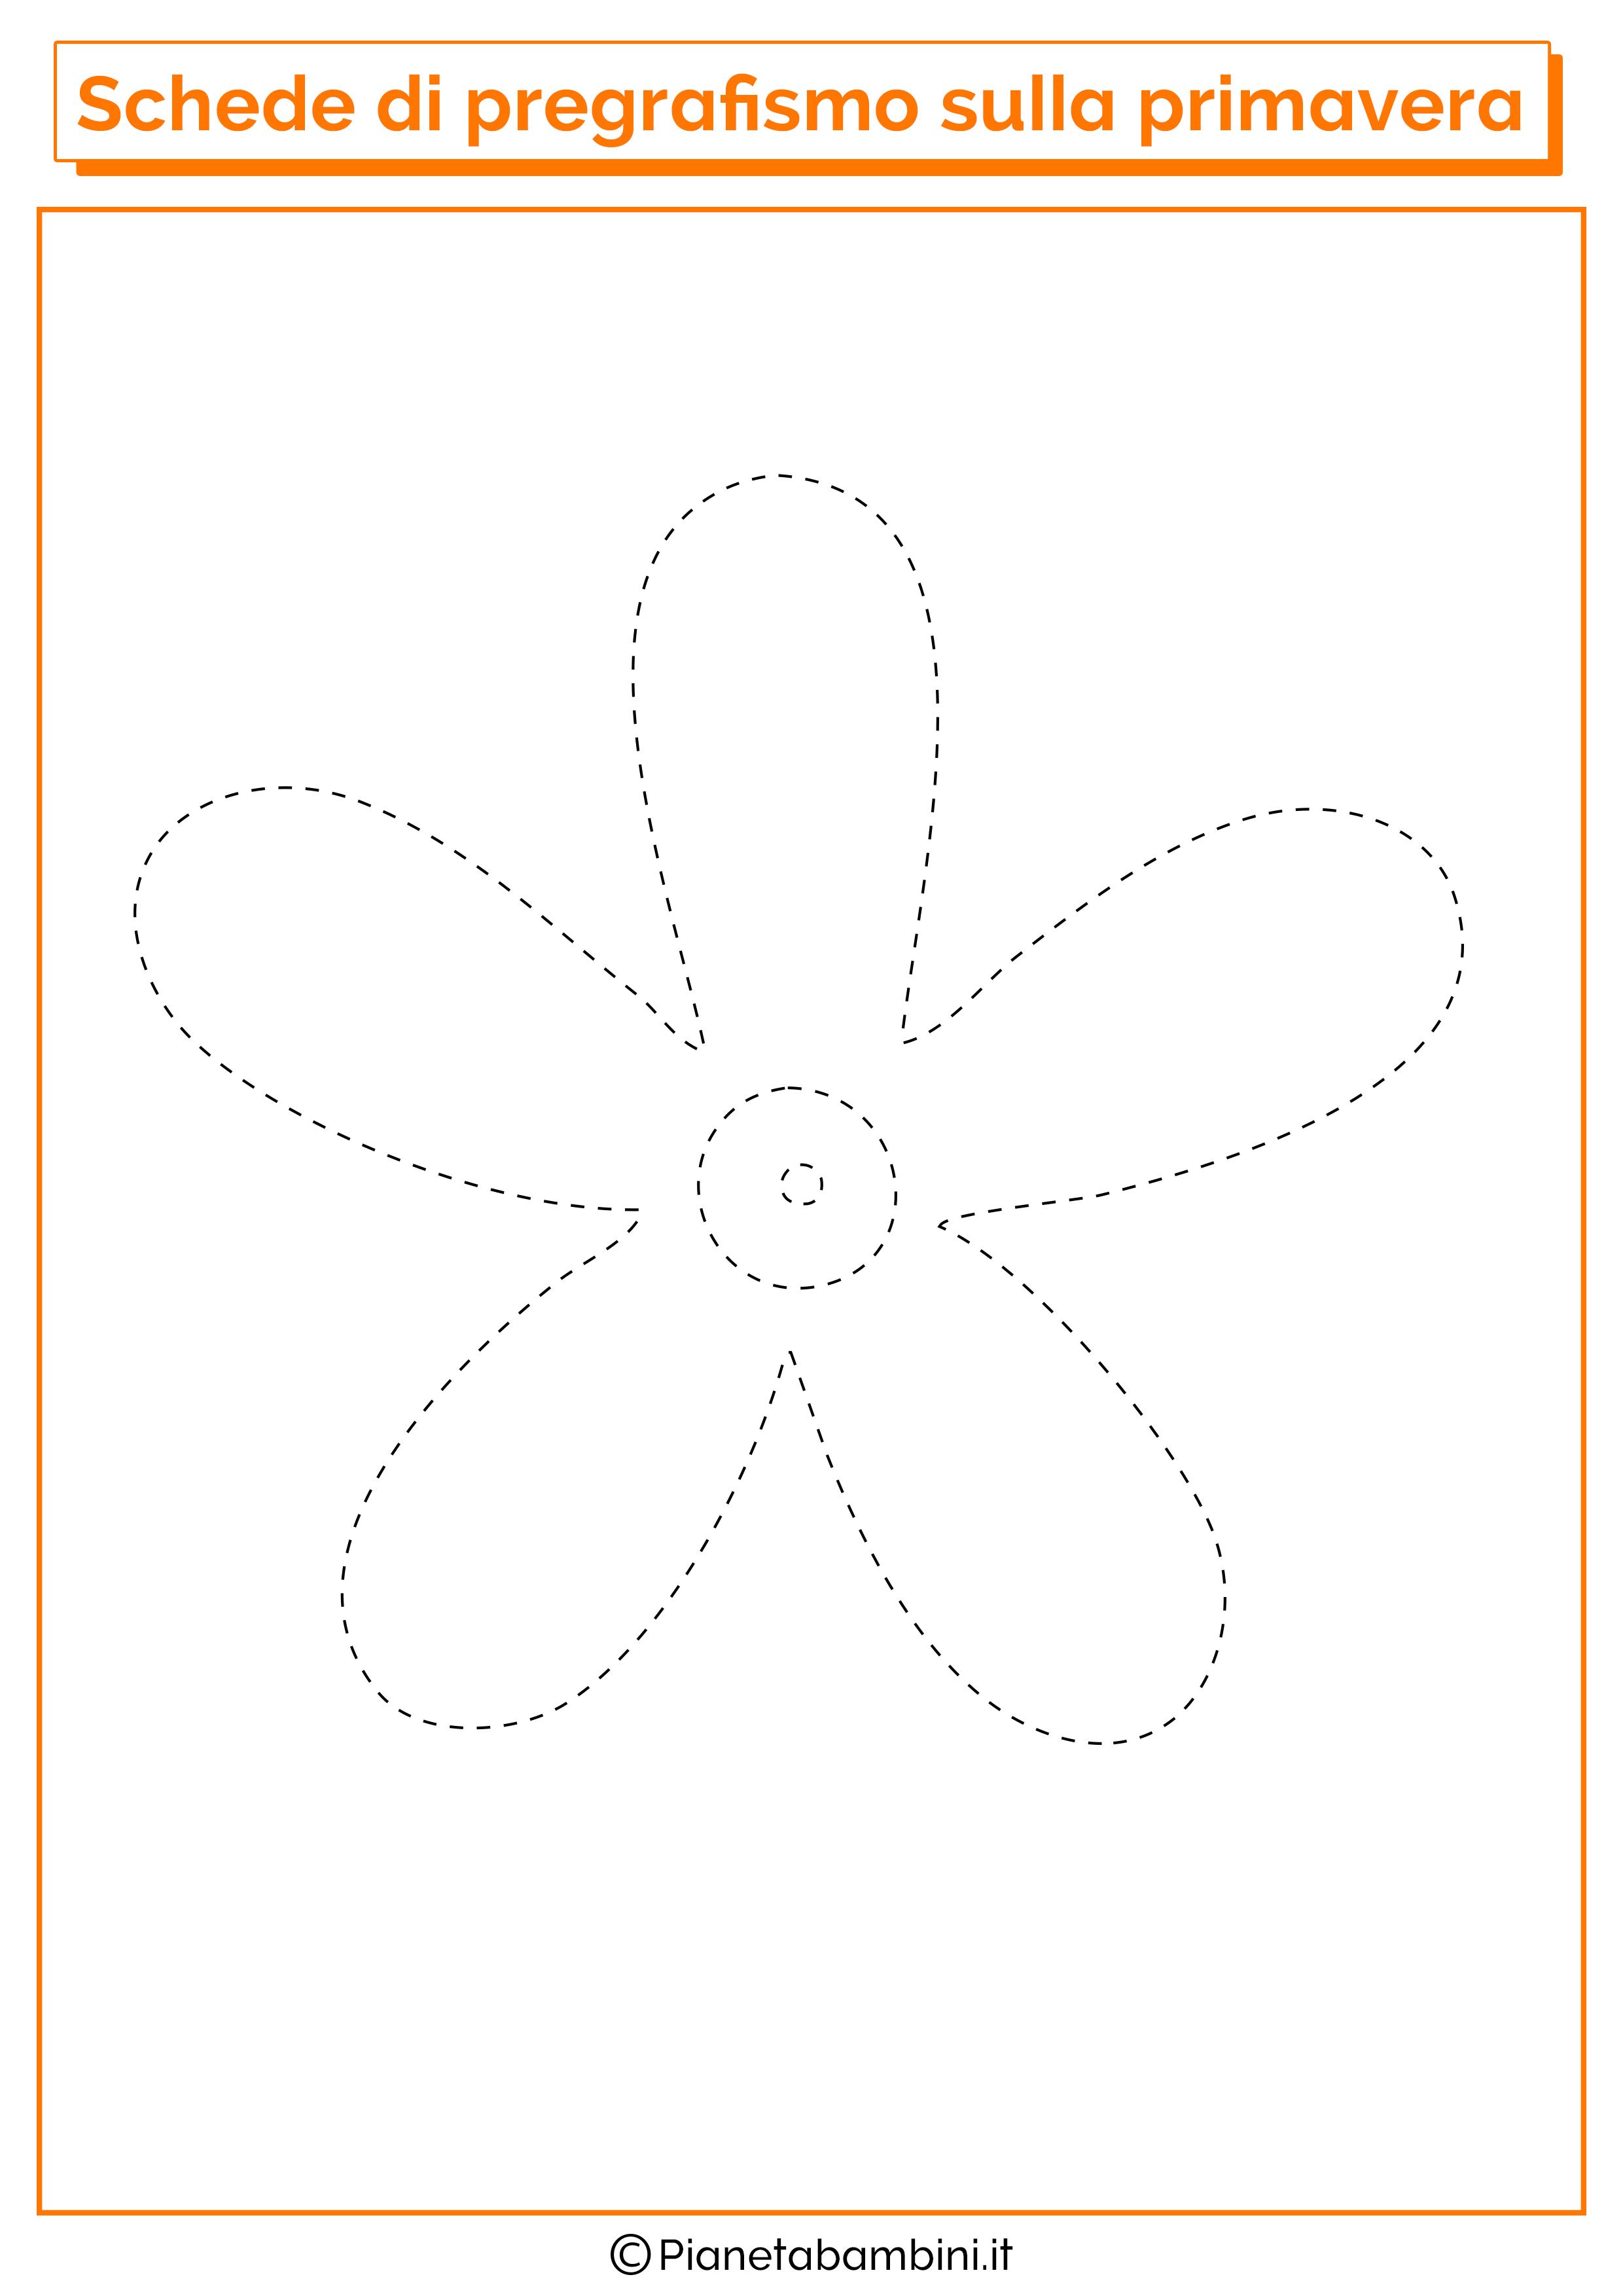 Pregrafismo-Primavera-Fiore-5